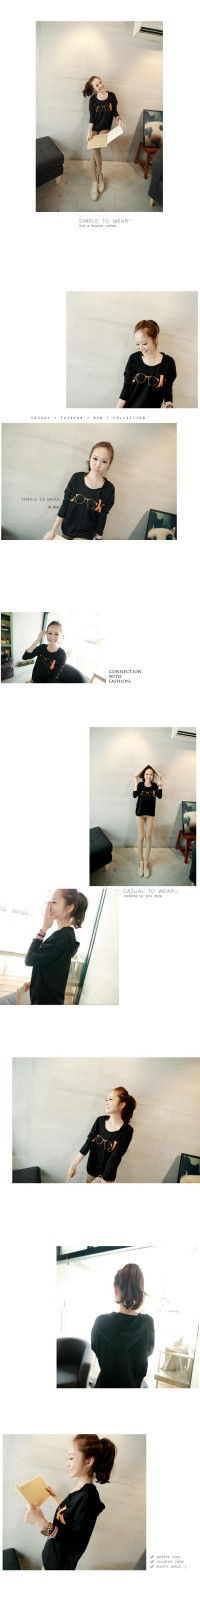 ??+?? Miu-Star LOOK?????????T(?2?)?NK89A348? | Miu-Star - Yahoo!??????